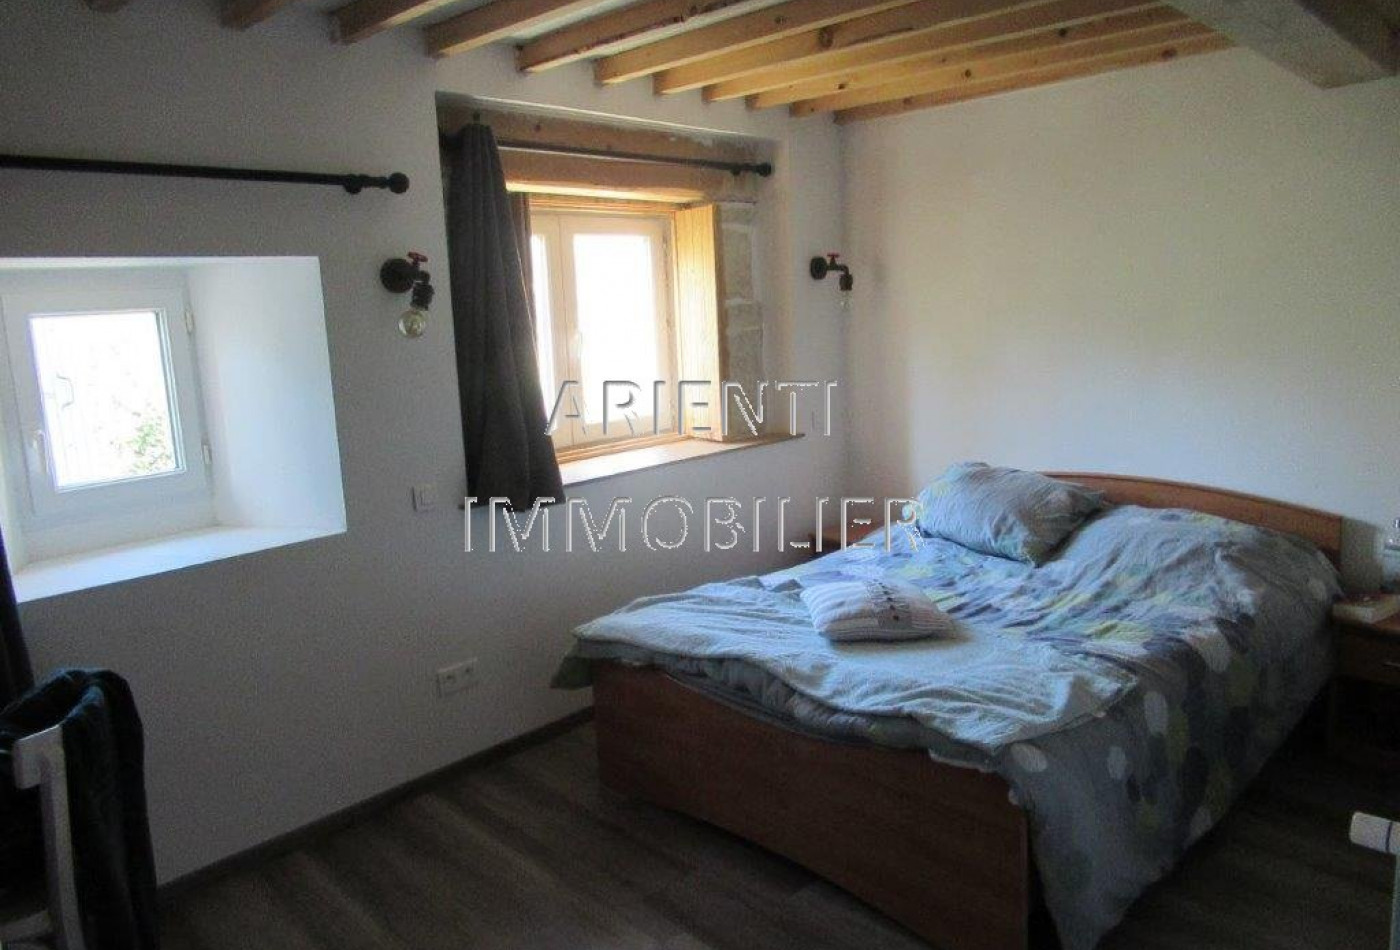 A vendre Vesc 260013226 Office immobilier arienti